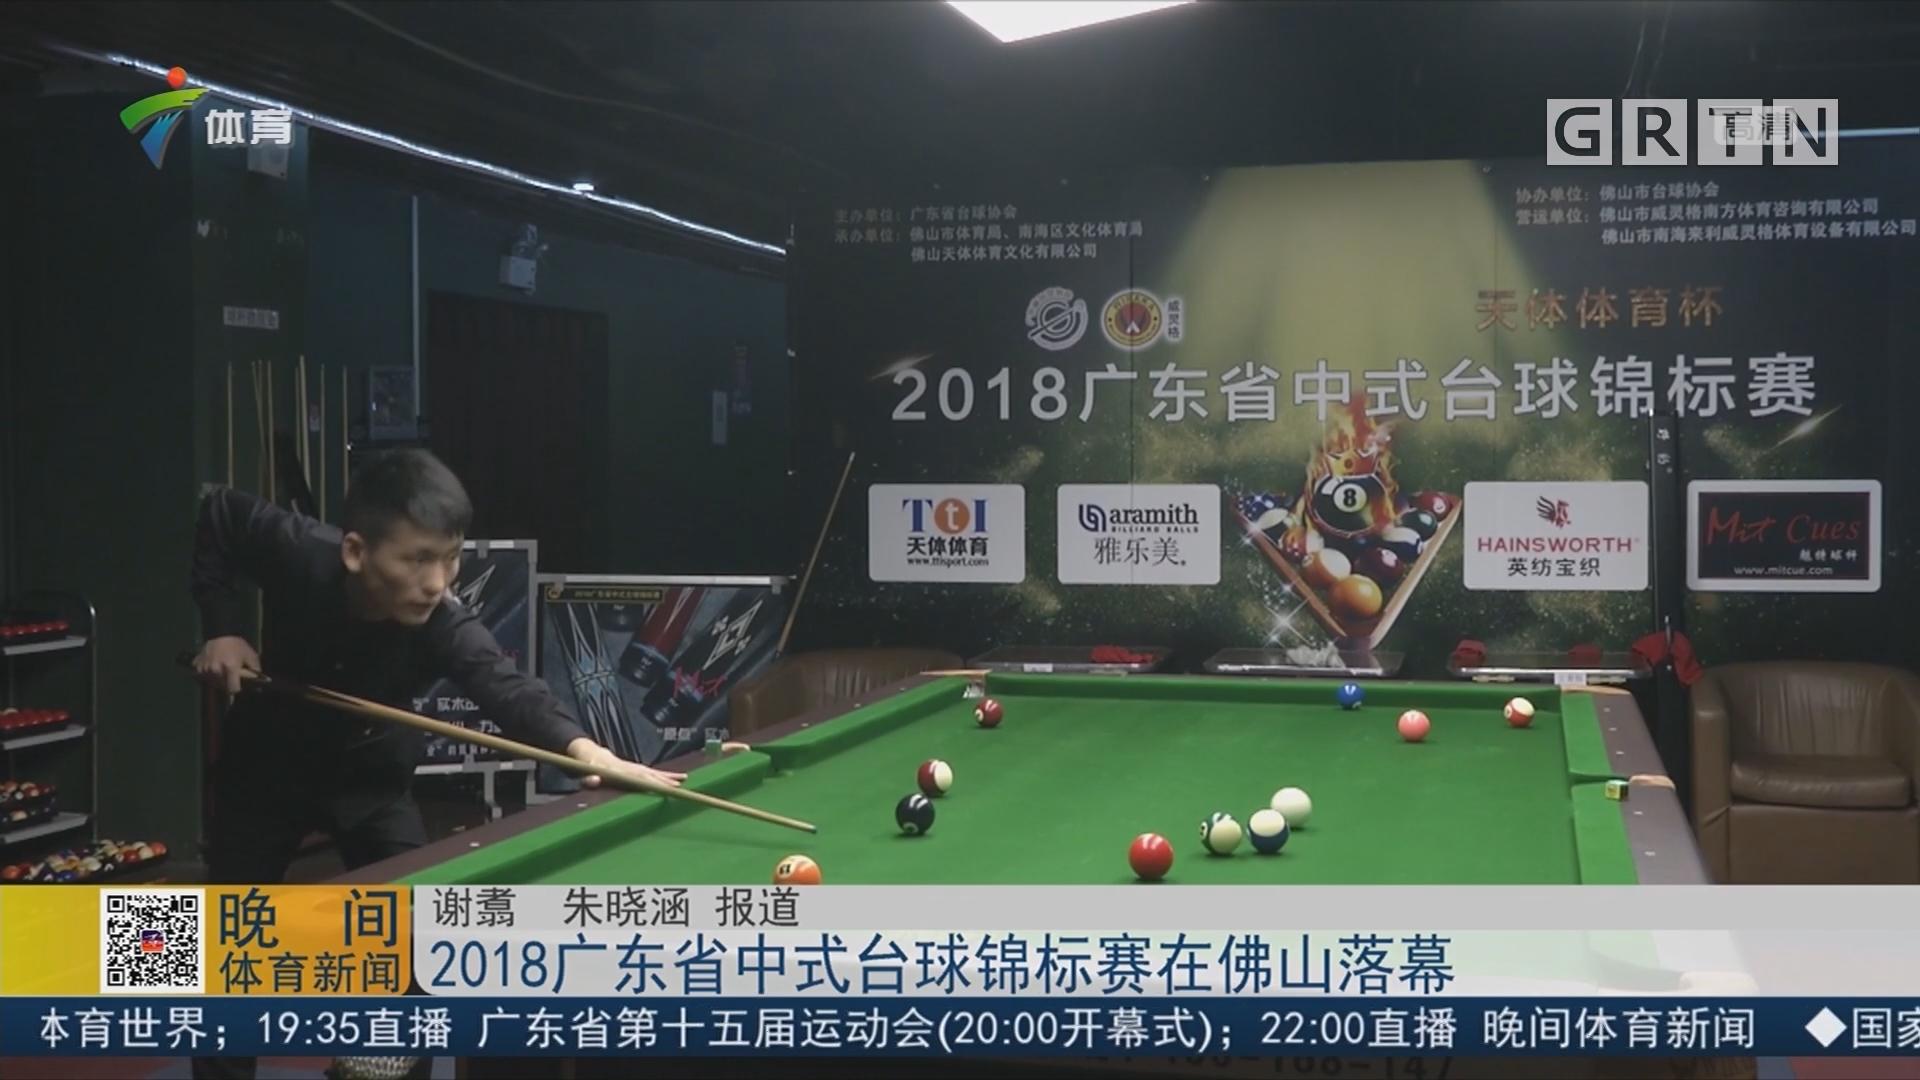 2018广东省中式台球锦标赛在佛山落幕